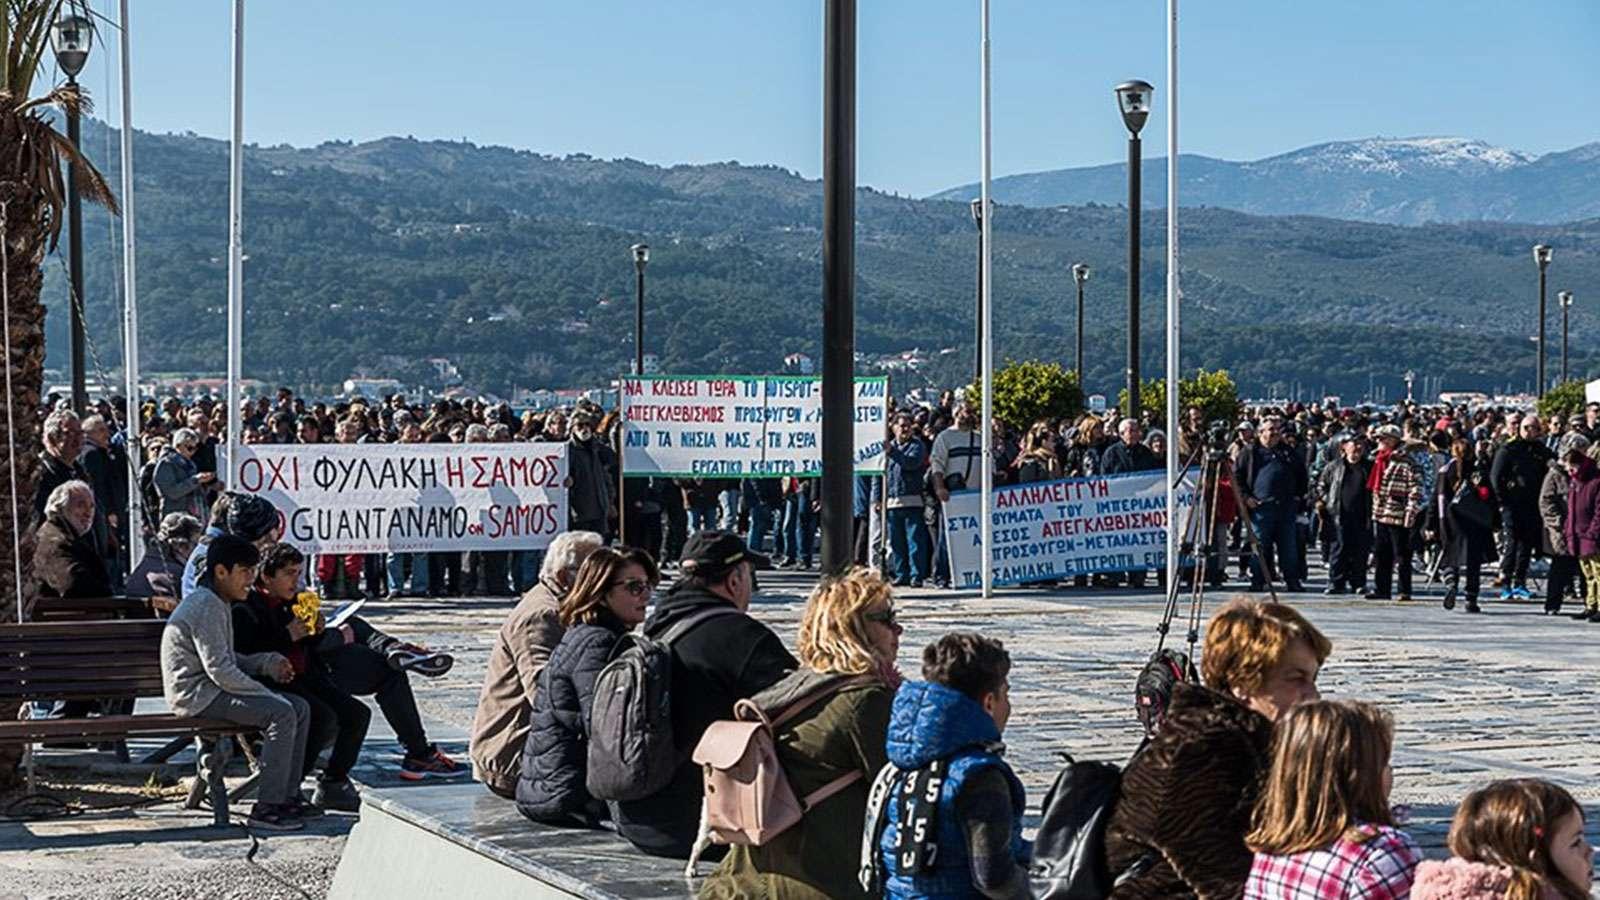 ΣΑΜΟΣ ΧΙΟΣ Συγκεντρώσεις ενάντια στην πολιτική του εγκλωβισμού και της καταστολής προσφύγων και μεταναστών 1